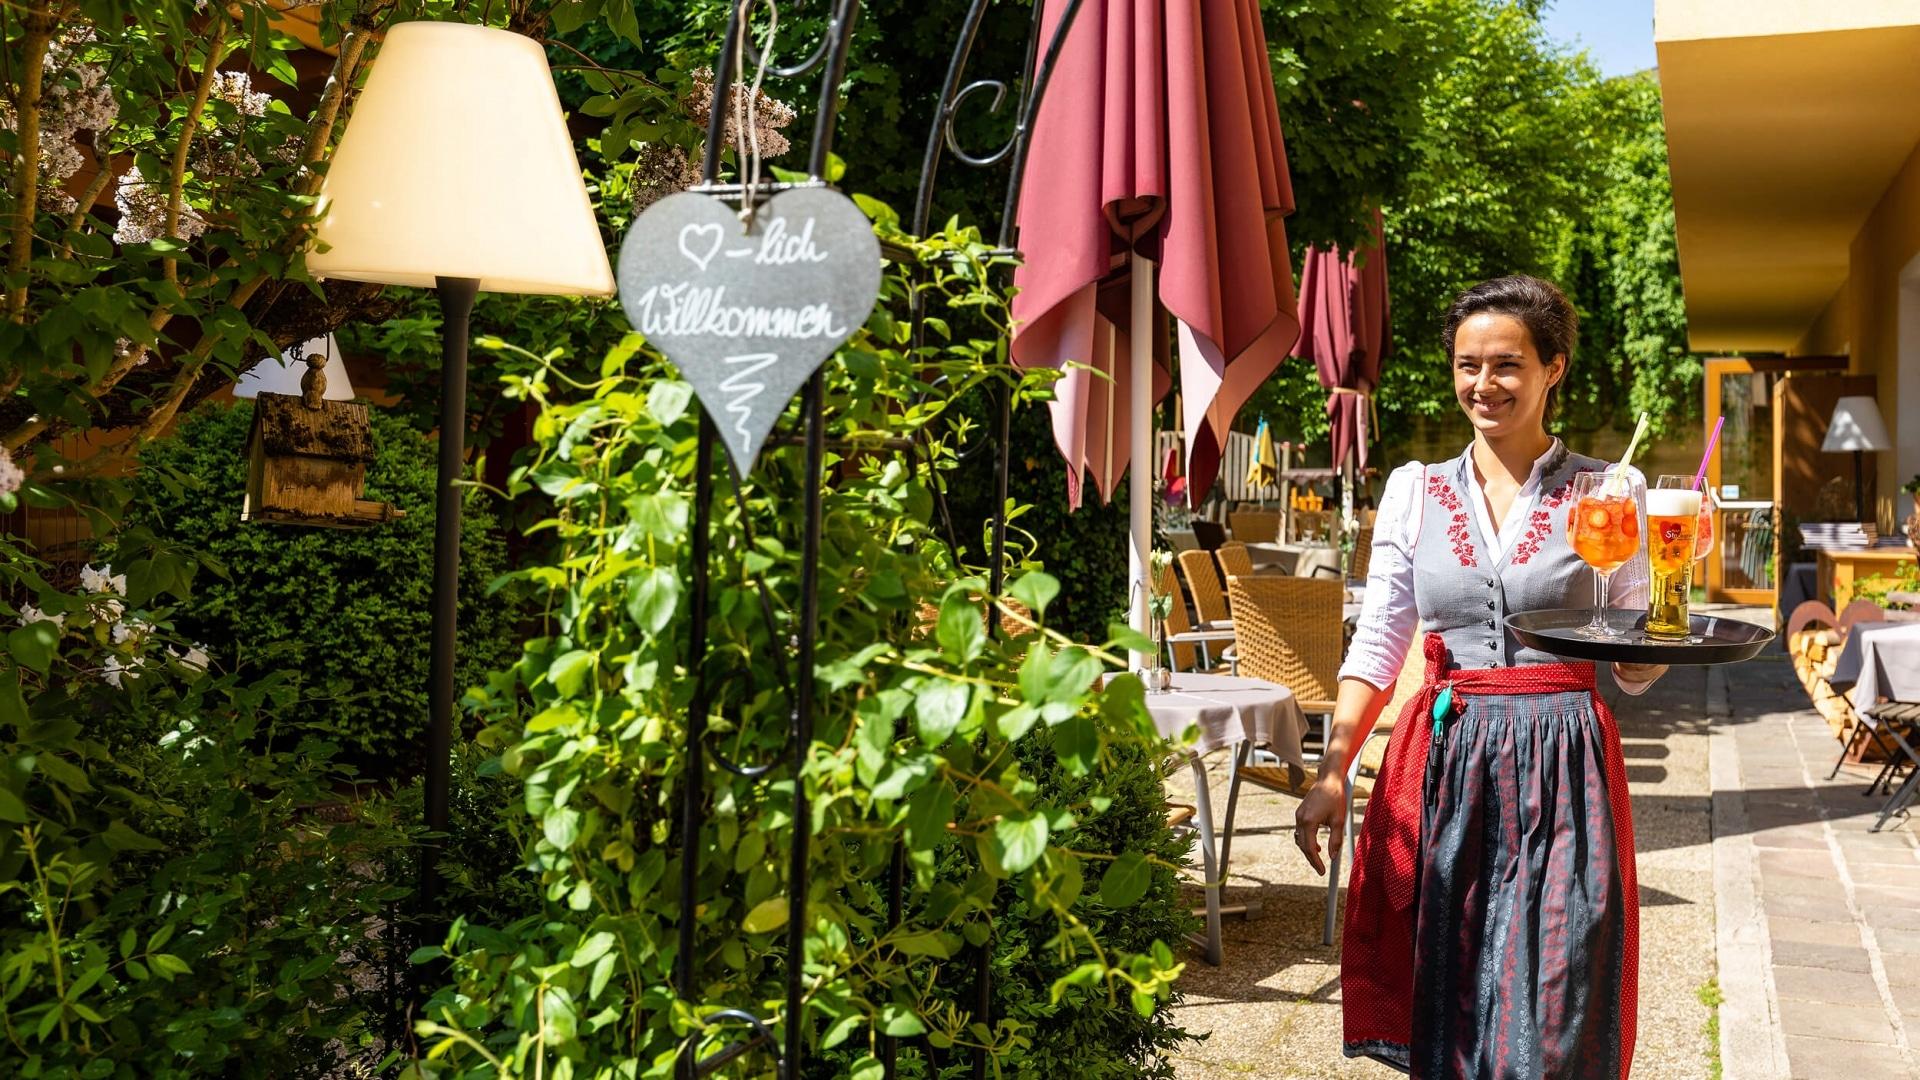 Gastgarten vom Hotel Stockerwirt im Alpbachtal © shootandstyle.com